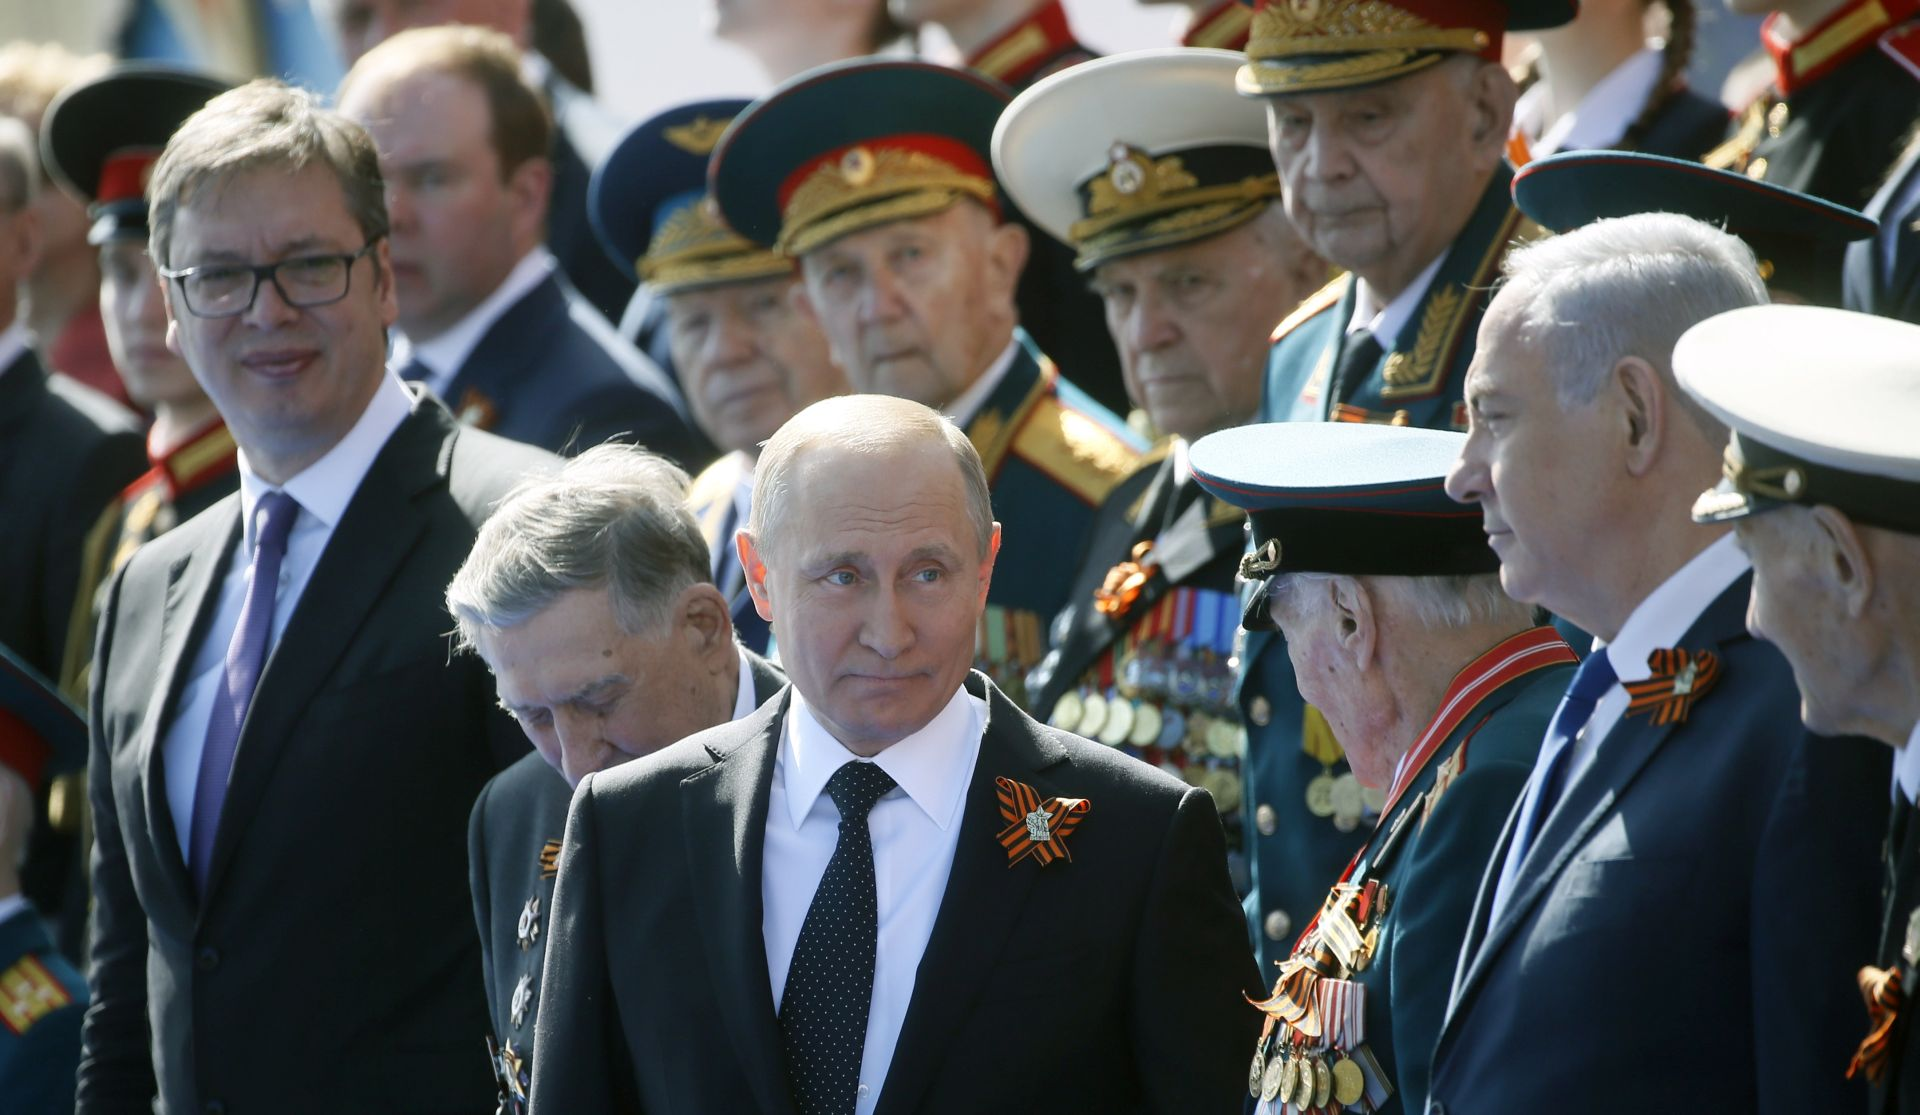 Putin u posjetu Srbiji 1. studenog na dan oslobođenja Beograda u Prvom svjetskom ratu